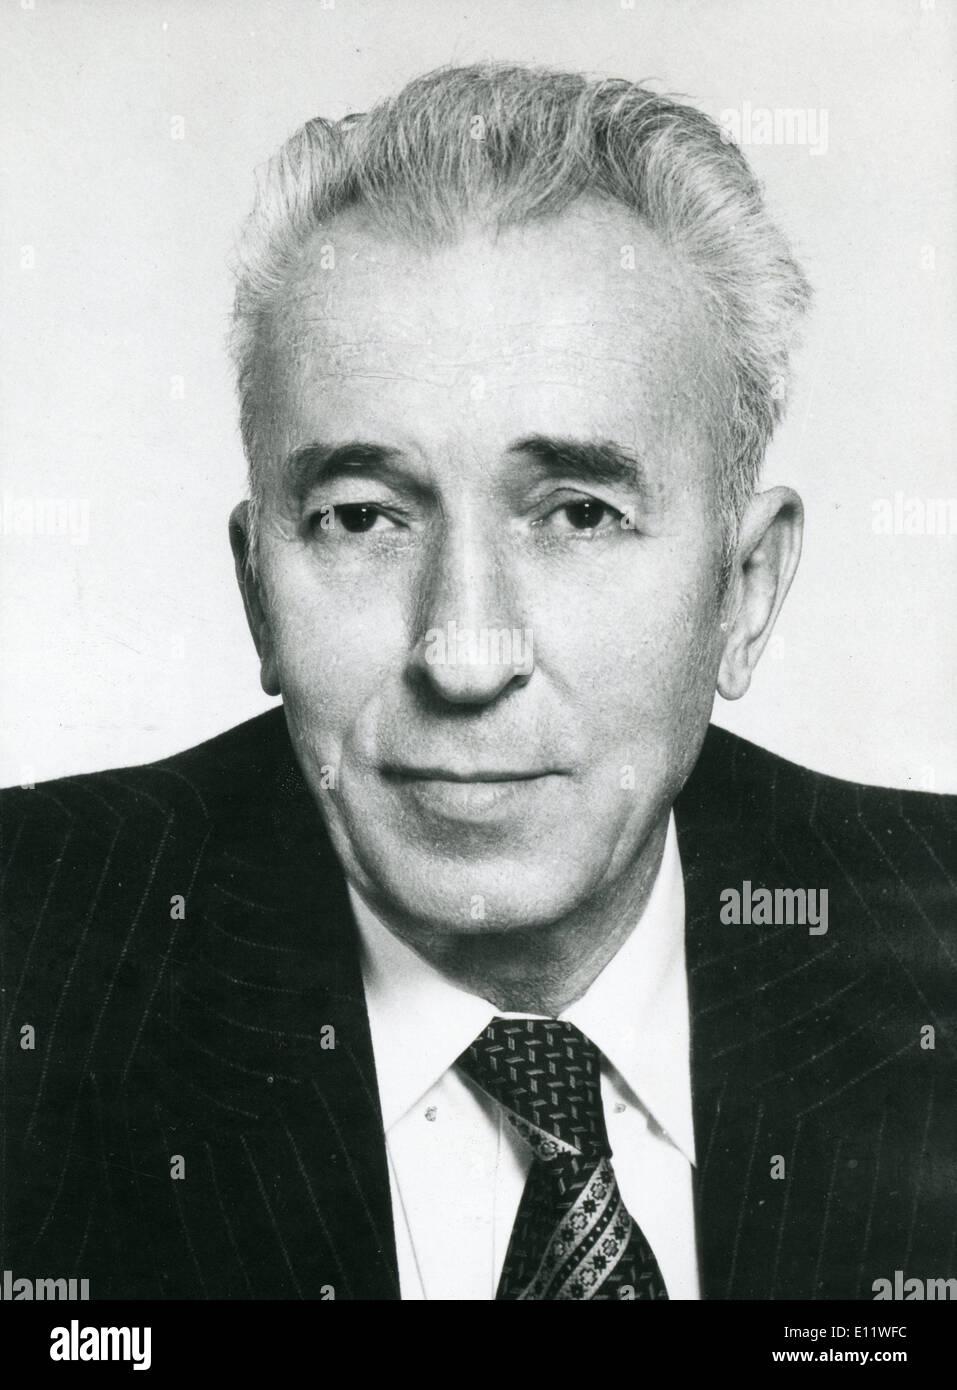 Grmoja primio prijetnje smrću - Page 3 May-15-1980-belgrade-yugoslavia-cvijetin-mijatovic-becomes-the-new-E11WFC